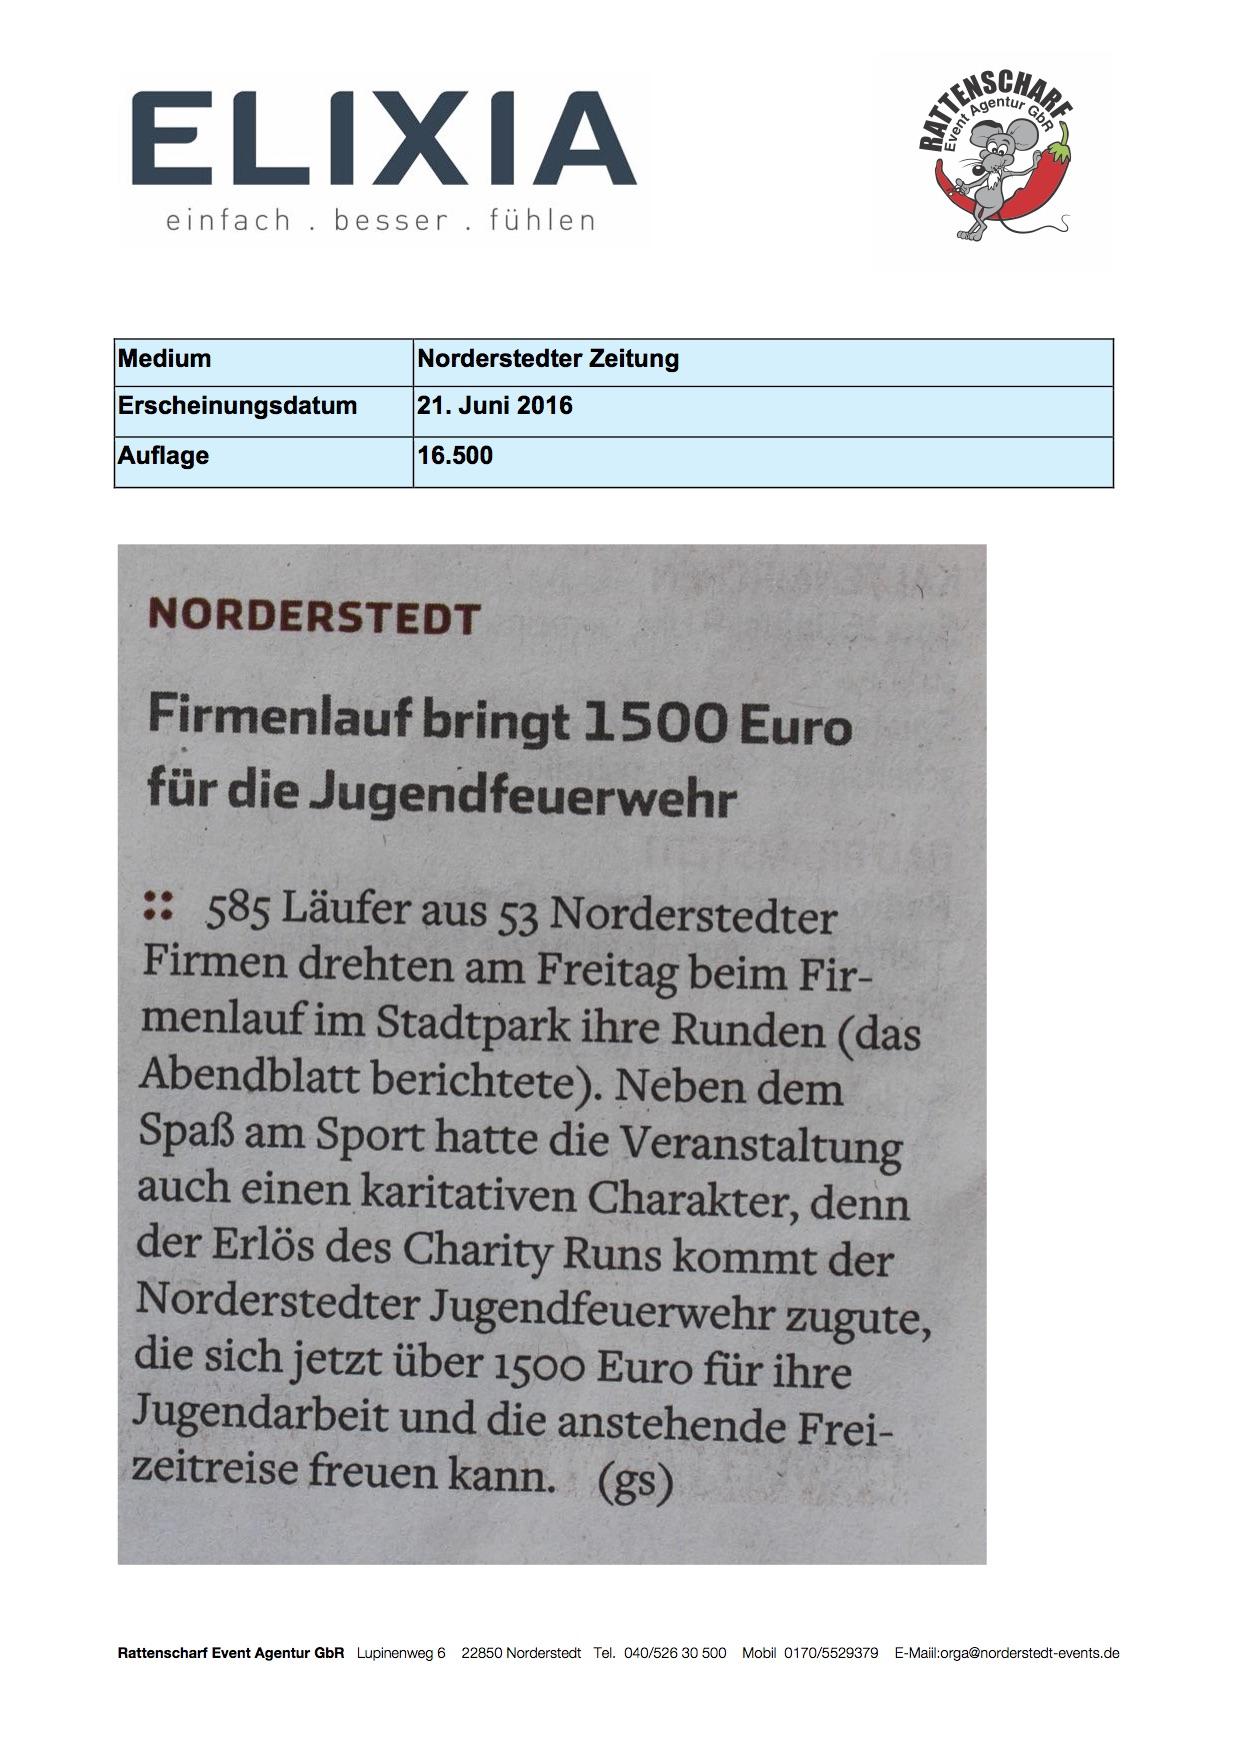 Norderstedter Zeitung 21. Juni 2016